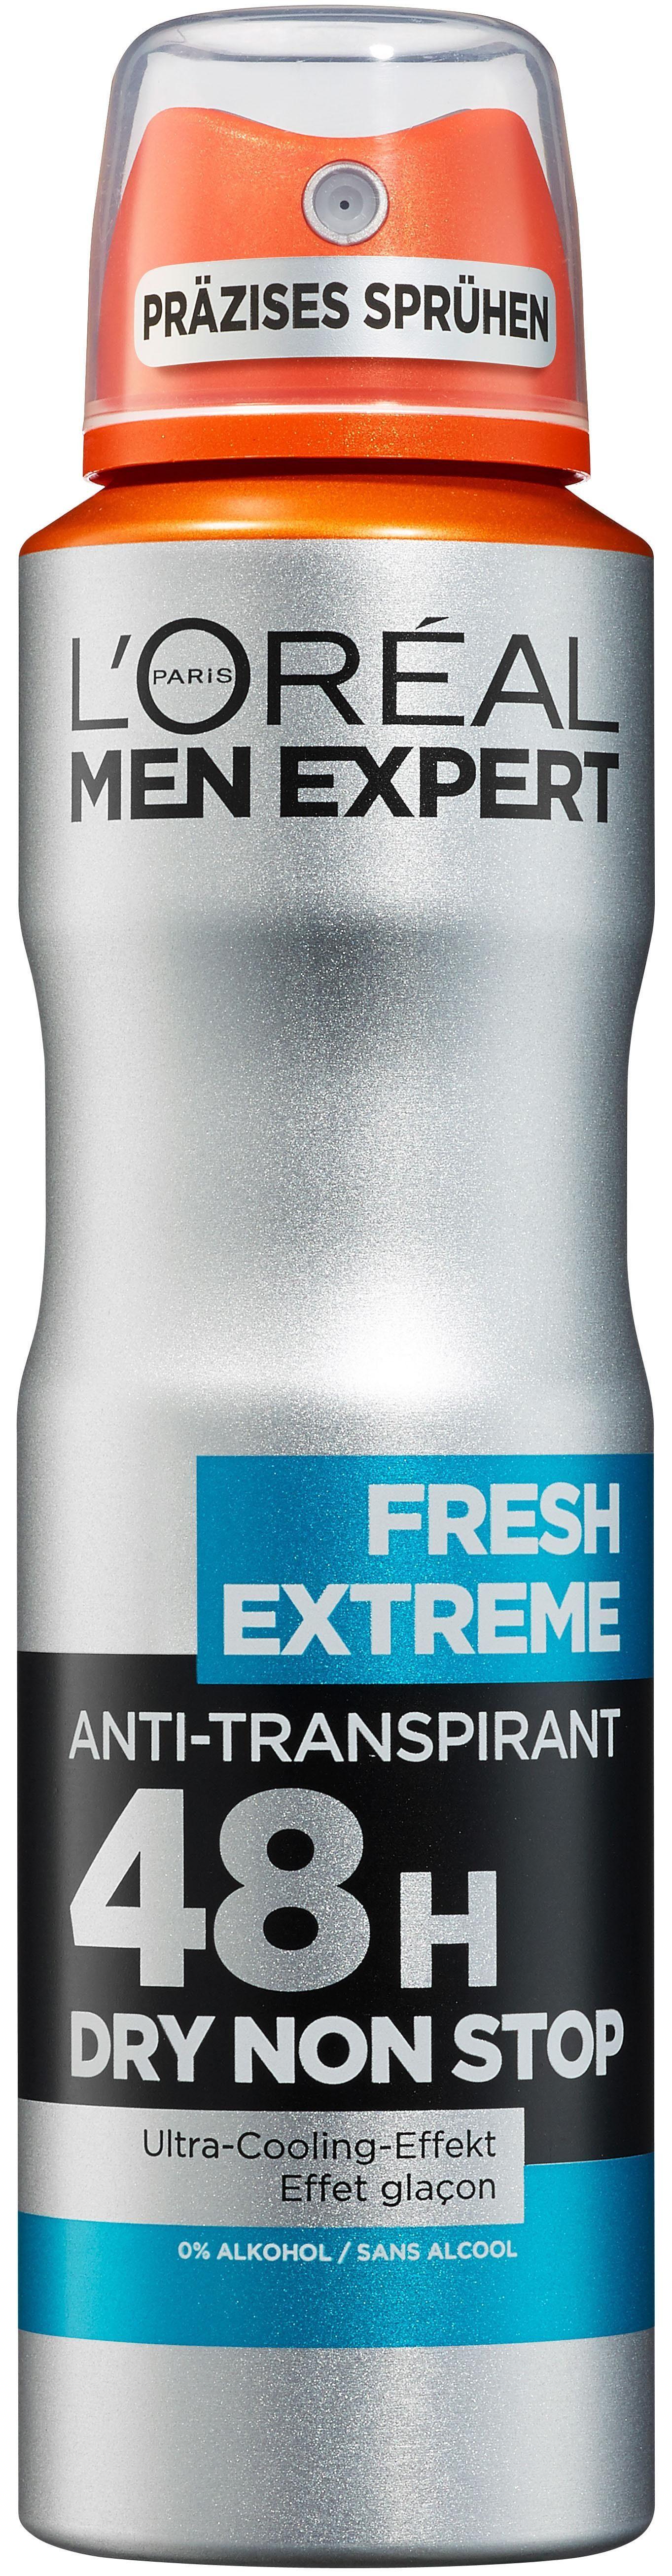 L'Oréal Paris Men Expert, »Fresh Extreme«, Deo-Spray